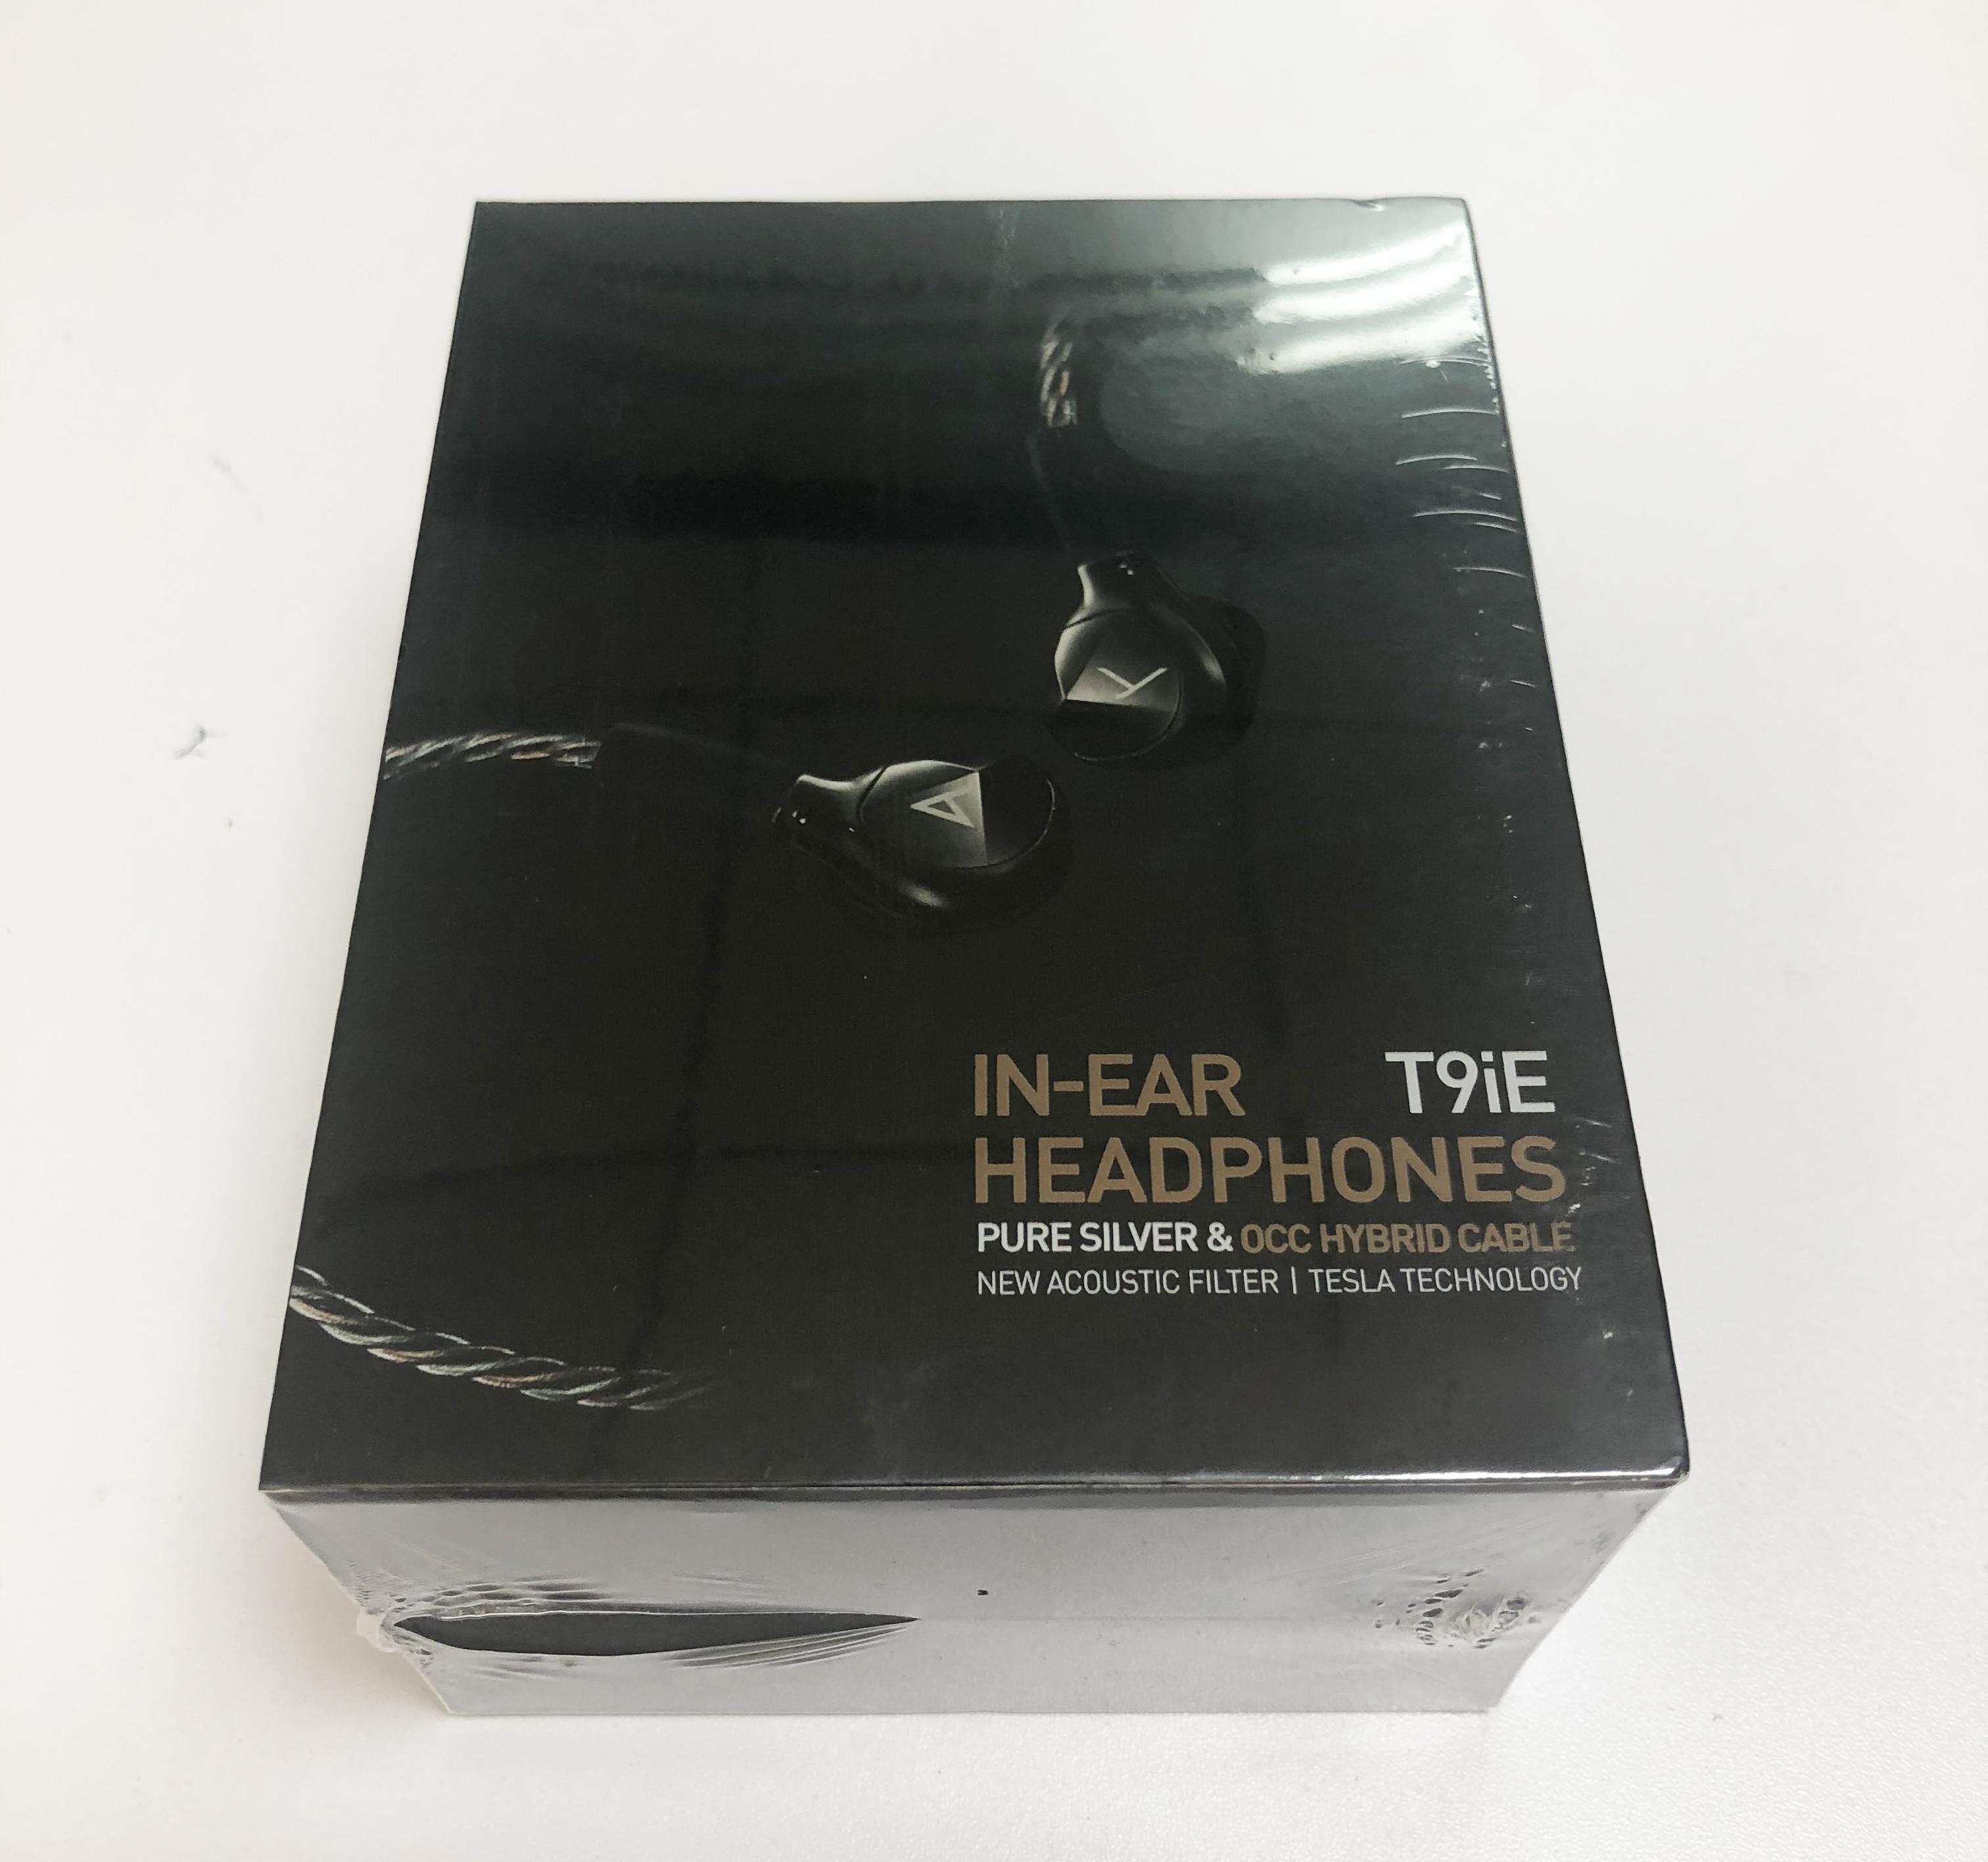 최고 판매자 이어폰 이어폰 T9IE MK II 이어폰 고품질 패션 귀에 헤드셋 소매 상자